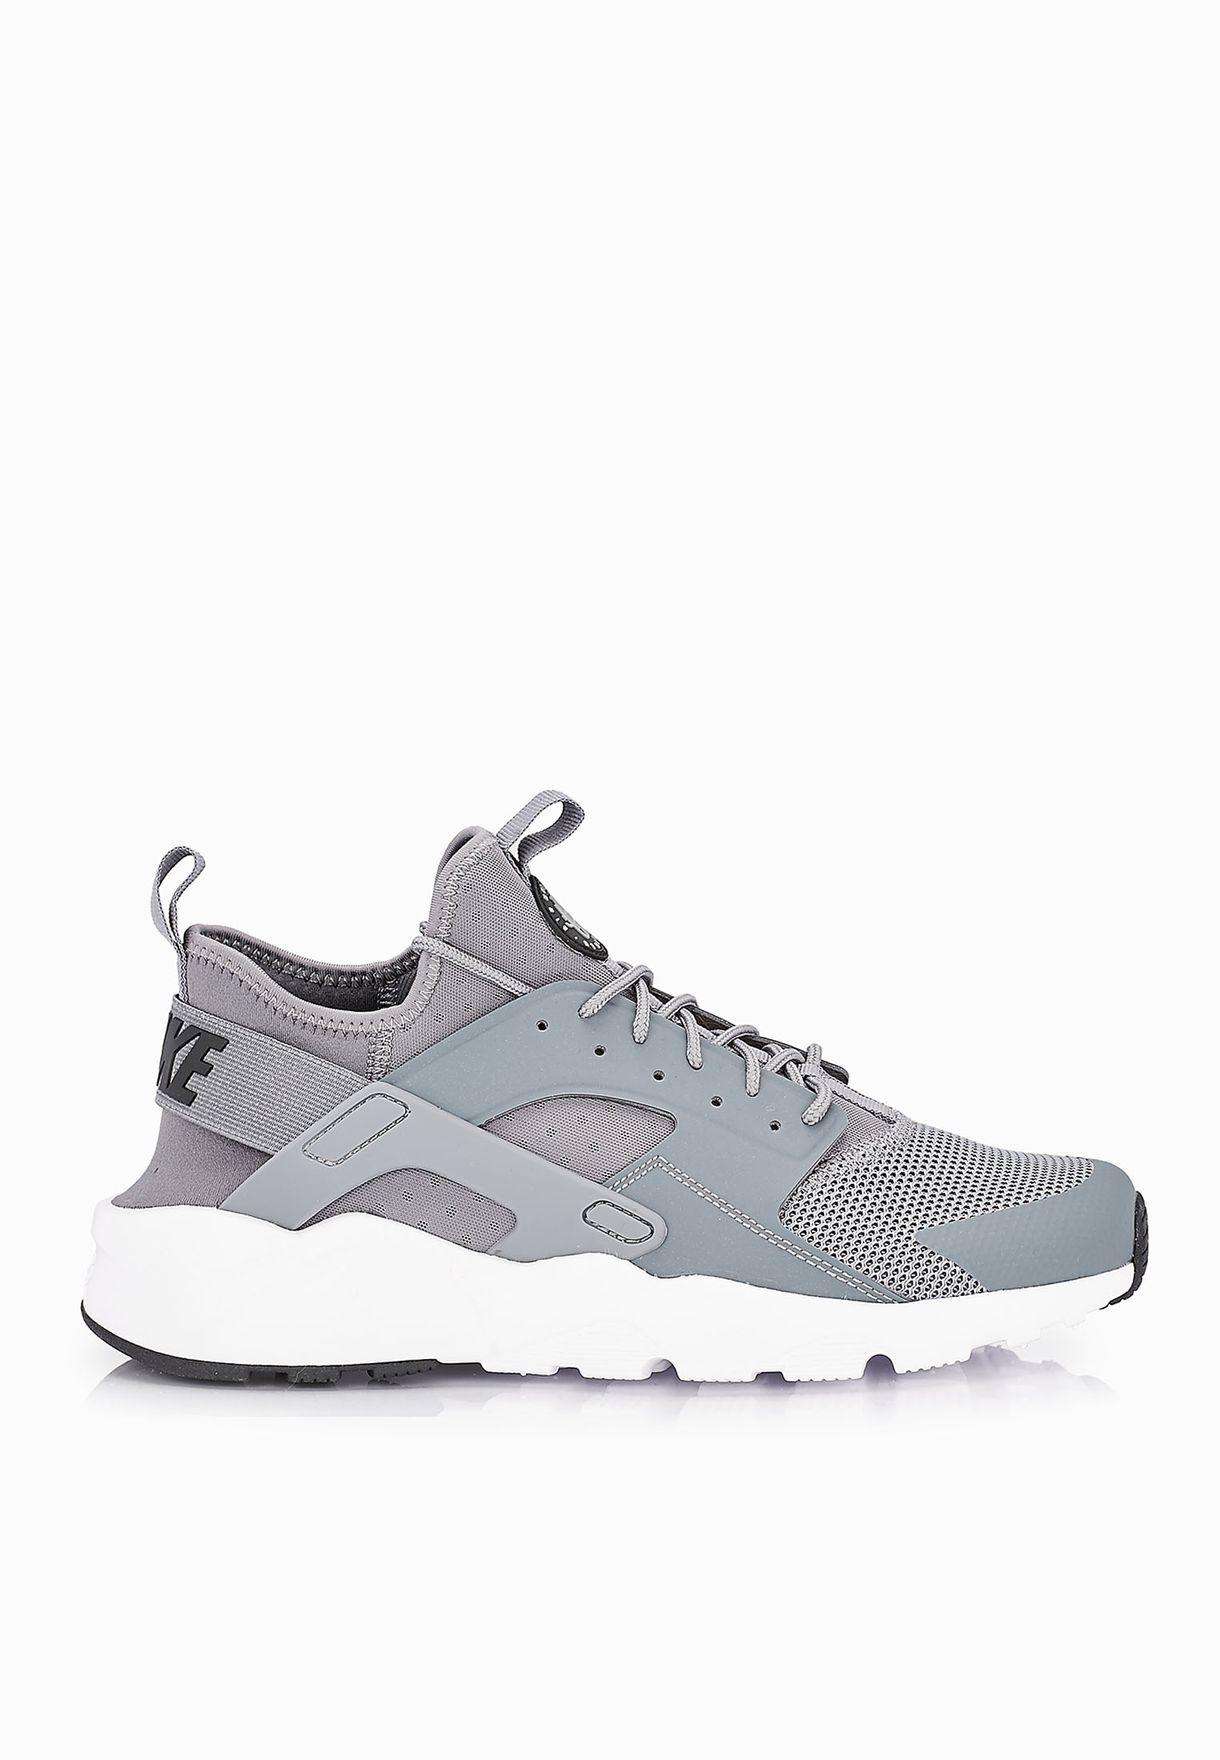 8dbb0fe317d47 Shop Nike grey Air Huarache Run Ultra 819685-011 for Men in UAE ...